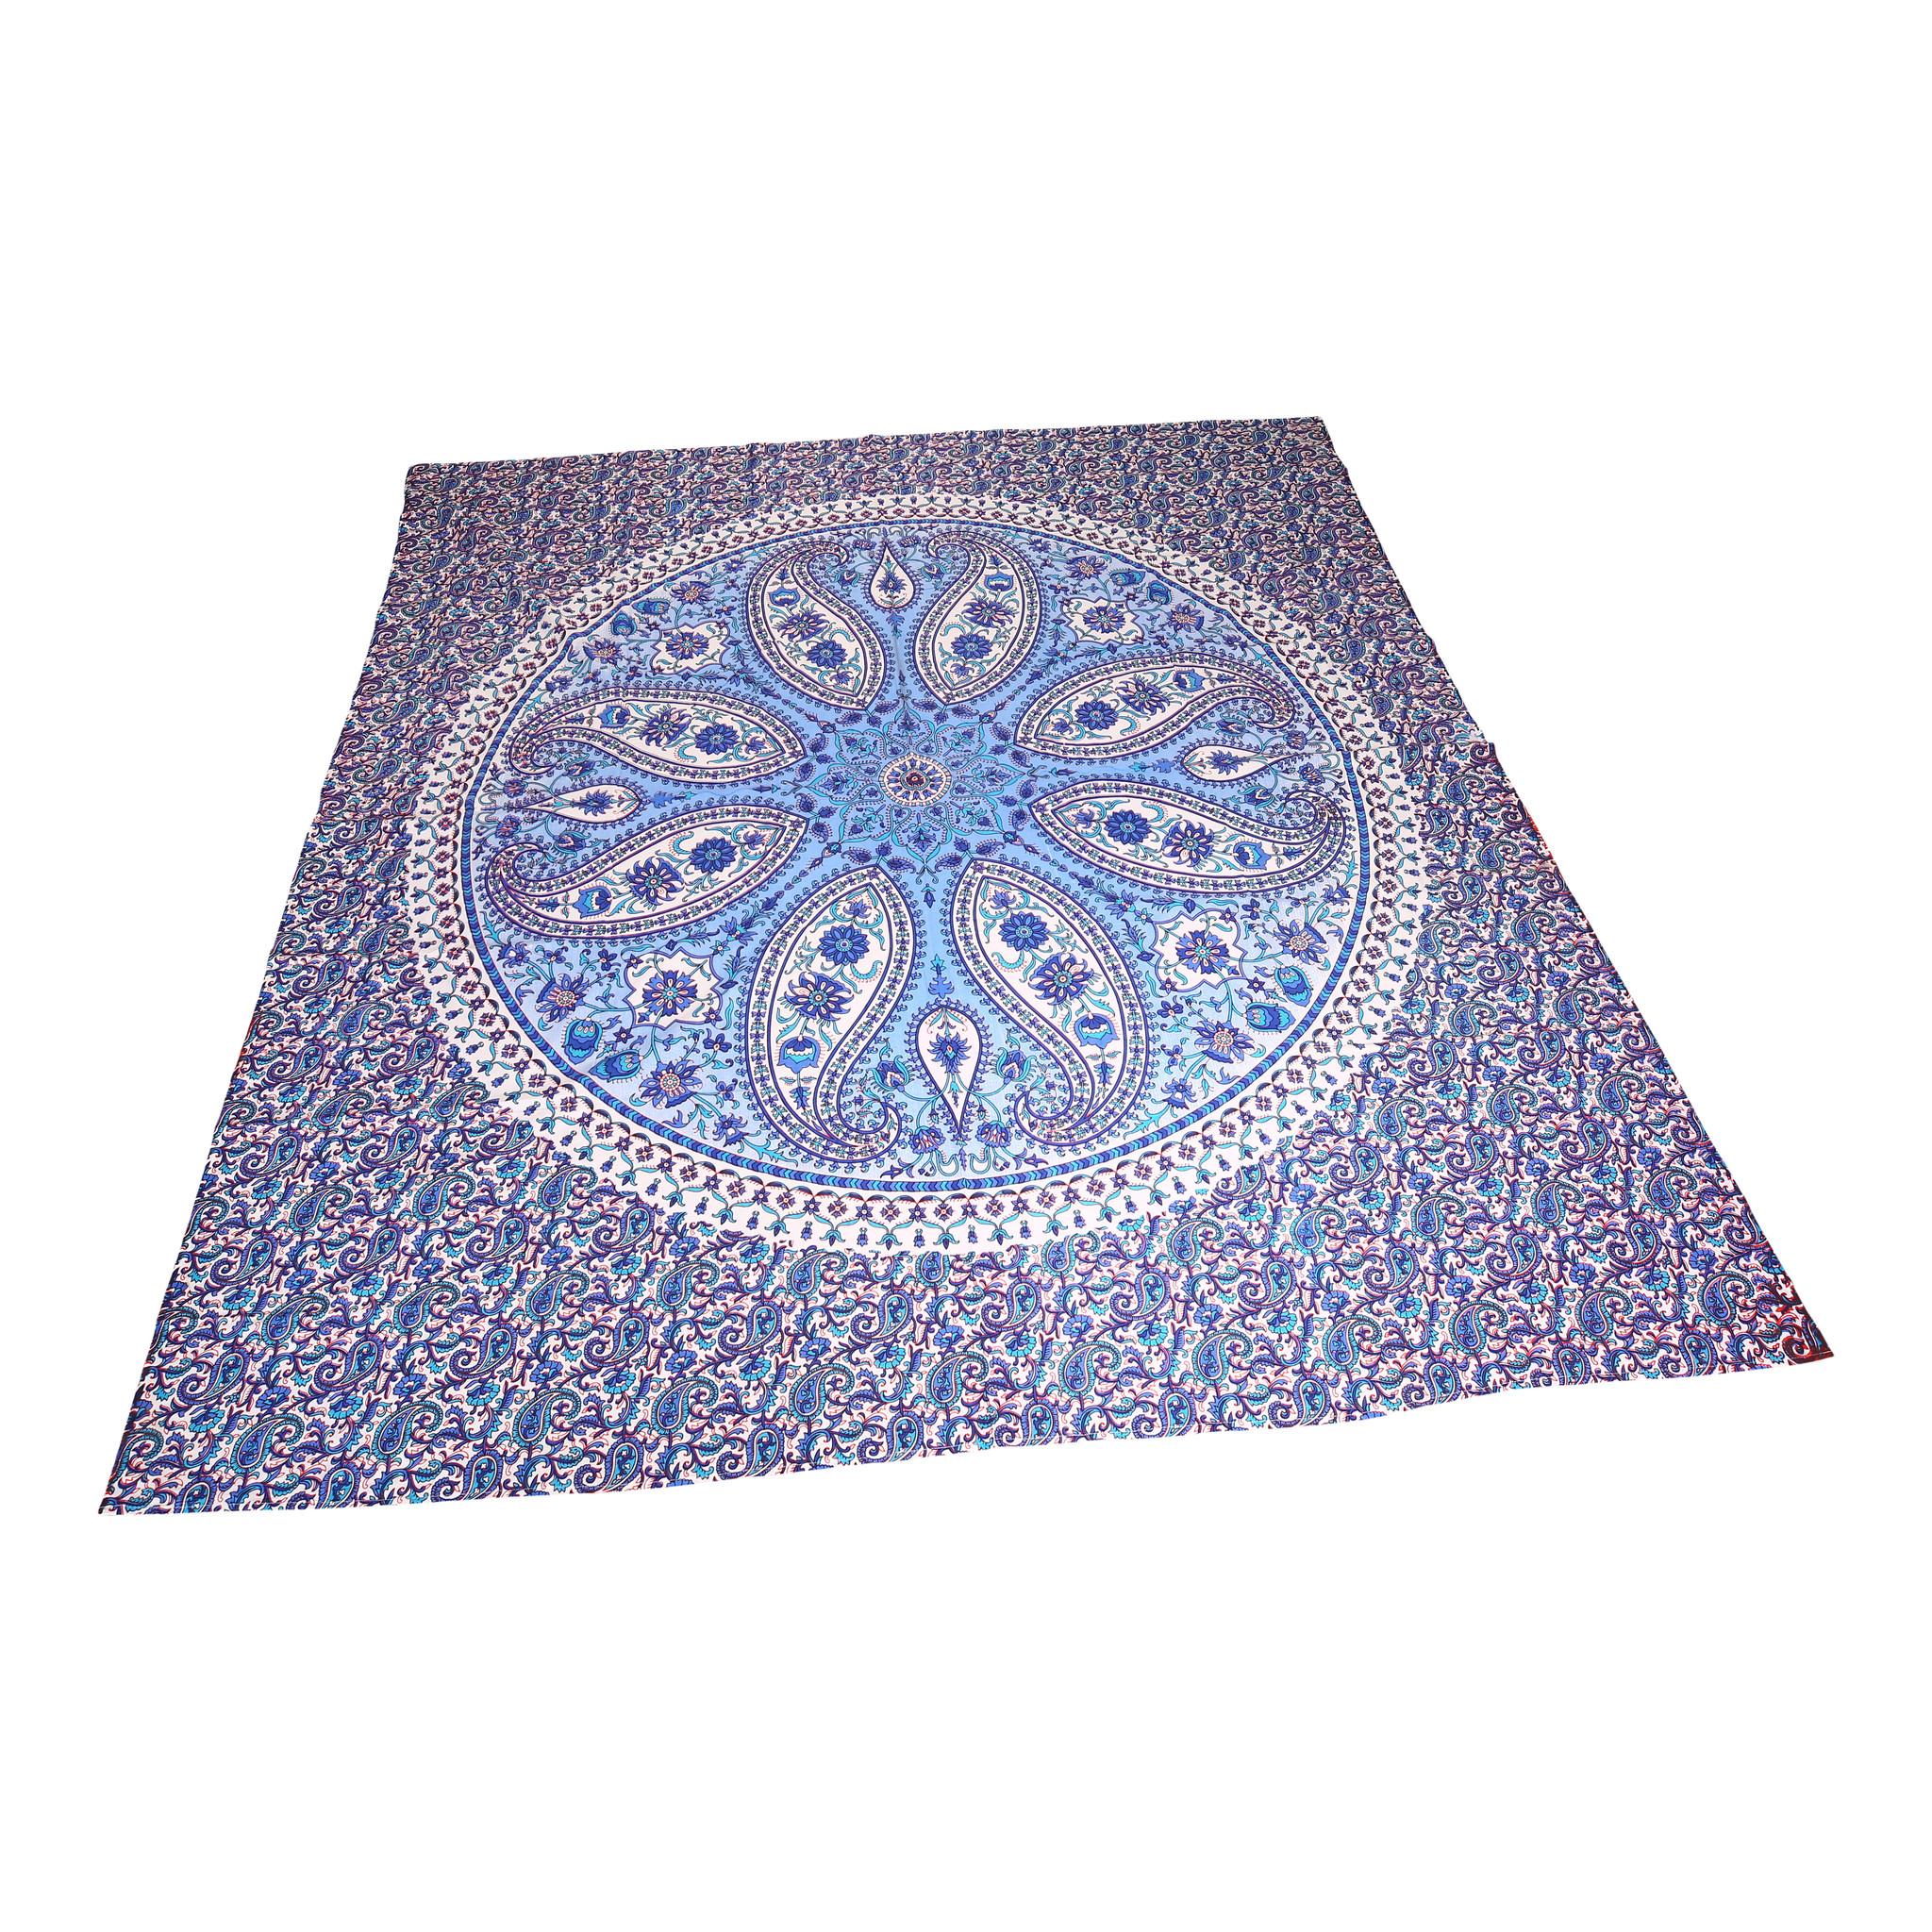 Myroundie Myroundie - roundie - vierkant strandlaken XL – yoga kleed- speelkleed - picknickkleed -100% katoen – Q53